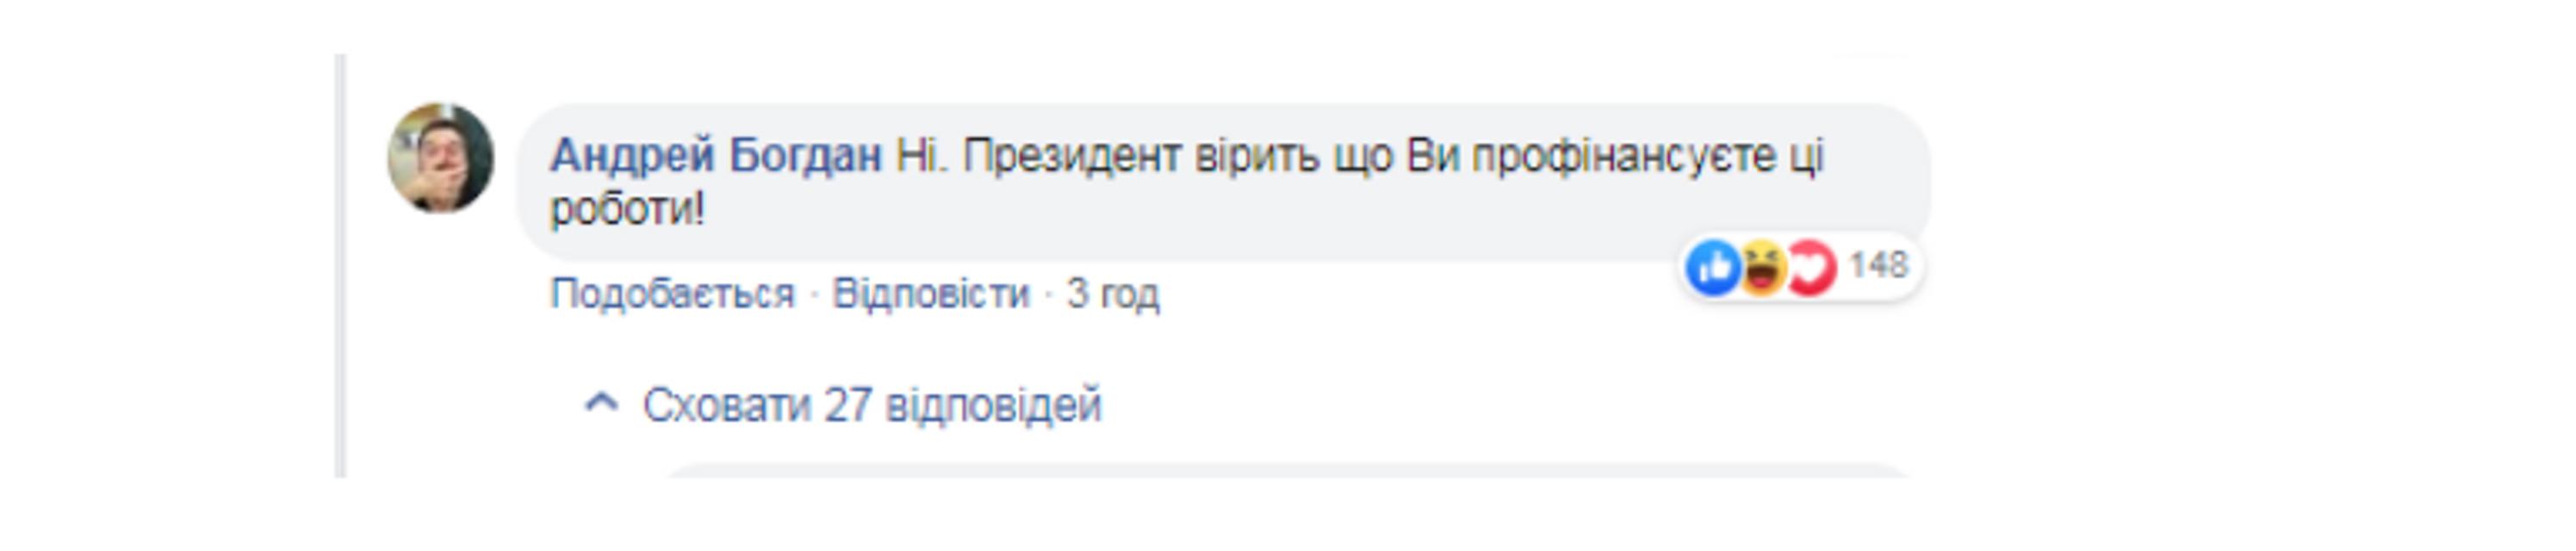 'Вы обещали!': Зеленский устроил жесткую перепалку в сети –ФОТО - фото 185344